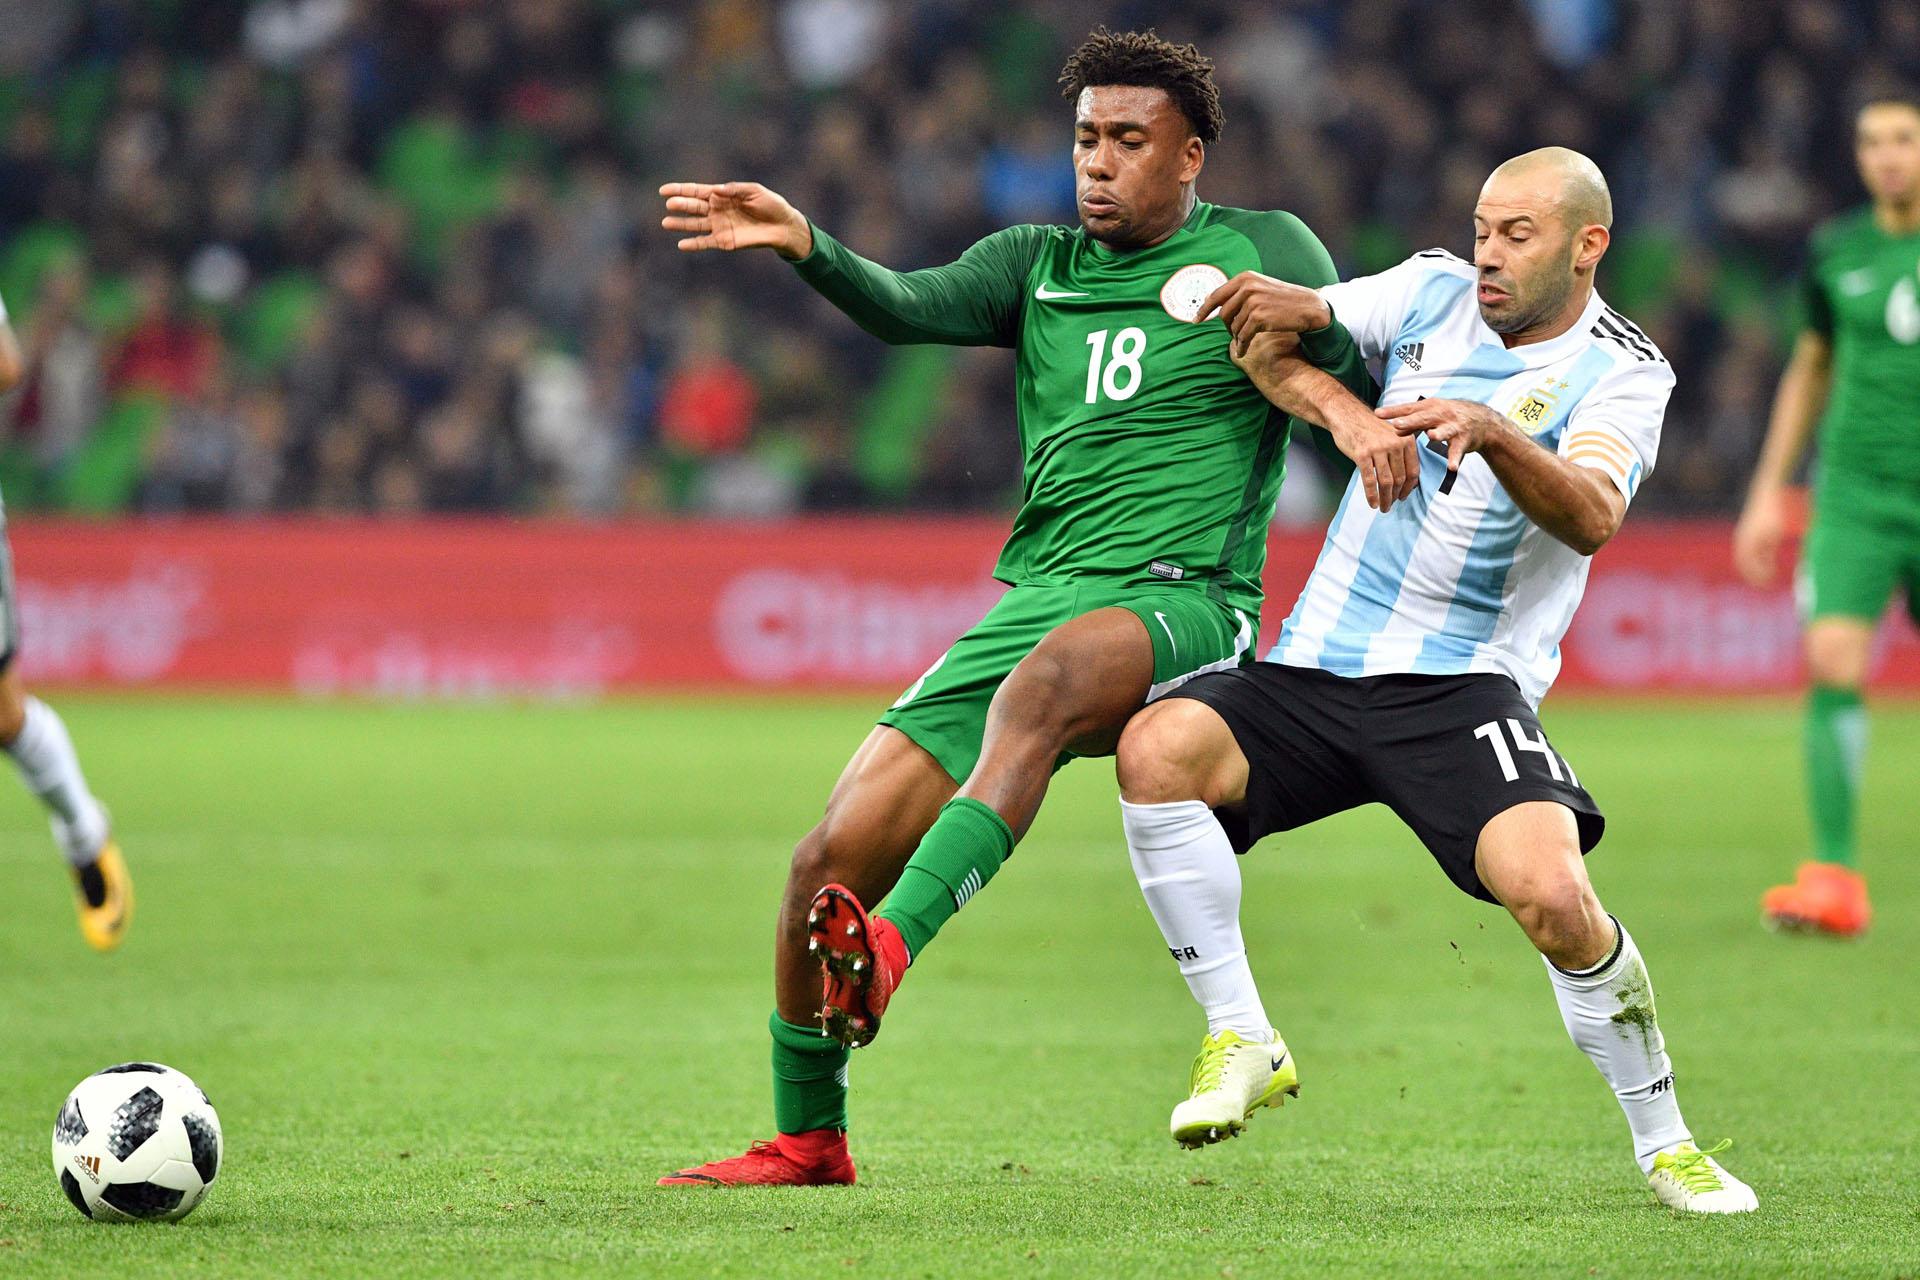 La Selección arrancó en ventaja por los goles de Banega y Agüero, pero los africanos lo dieron vuelta y se impusieron 4-2 en Krasnodar